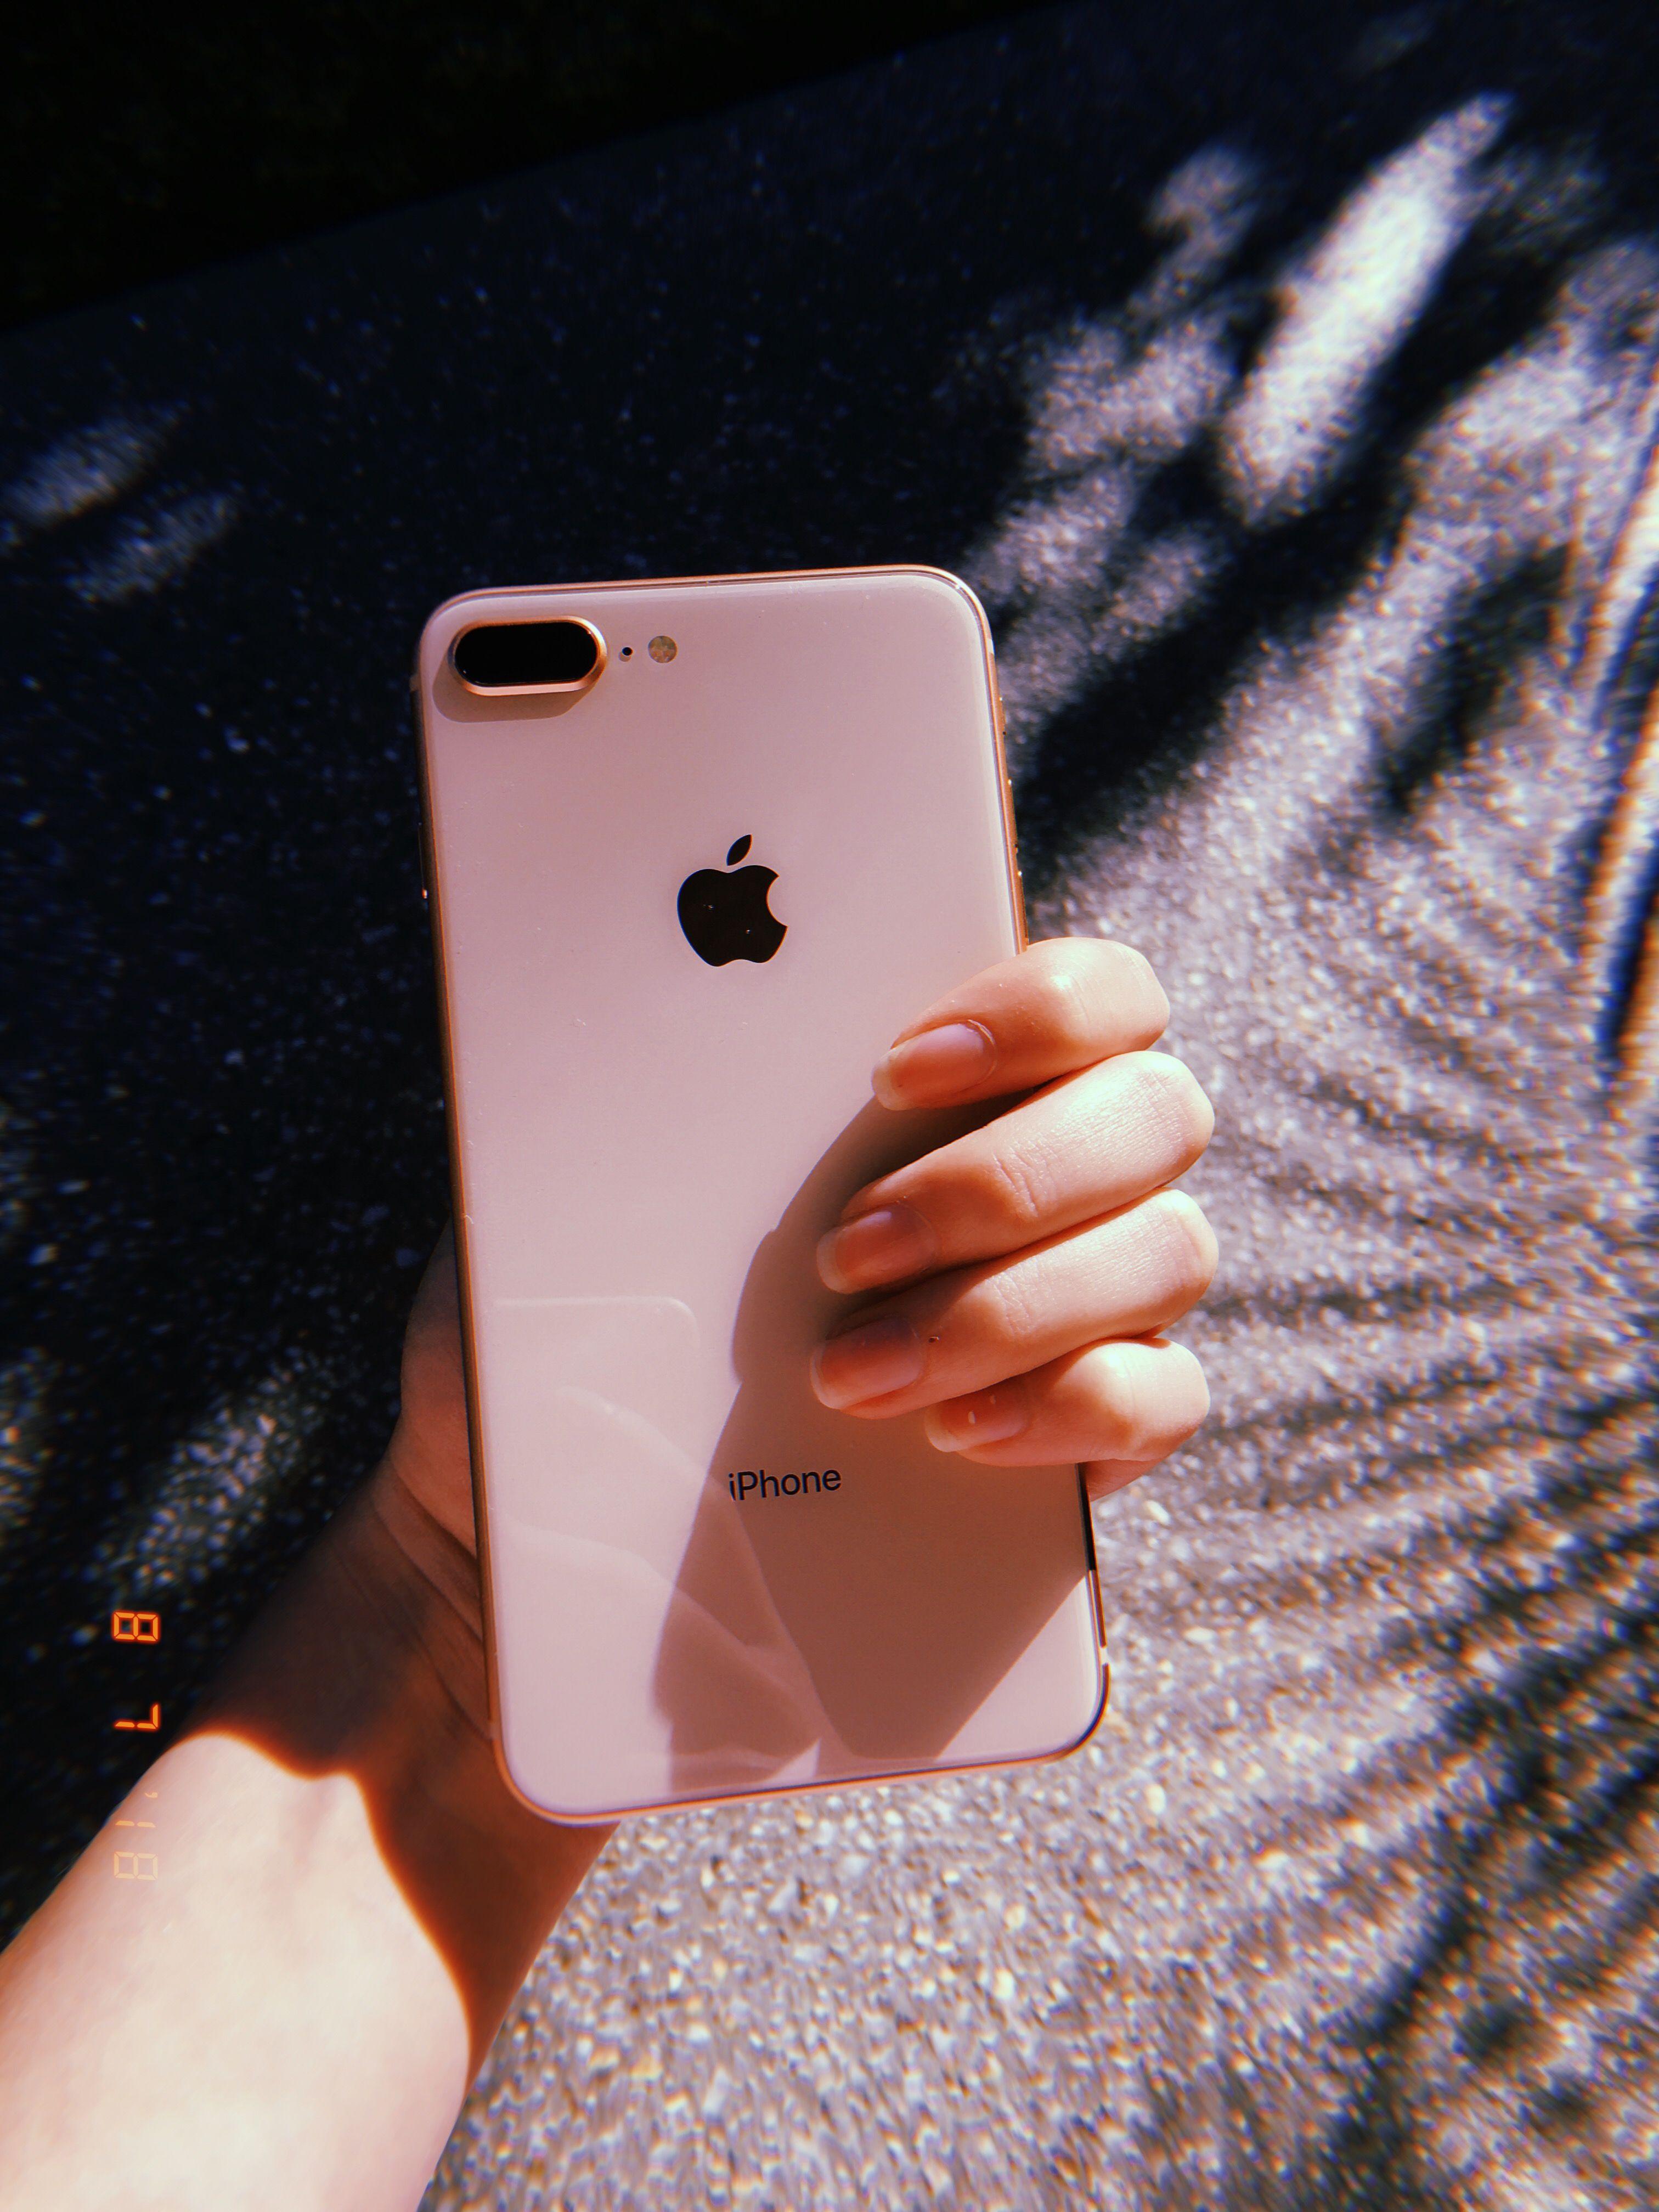 Iphone 8 Plus Rose Gold Coisas De Iphone Acessorios Iphone Iphone 8 Plus Capinhas